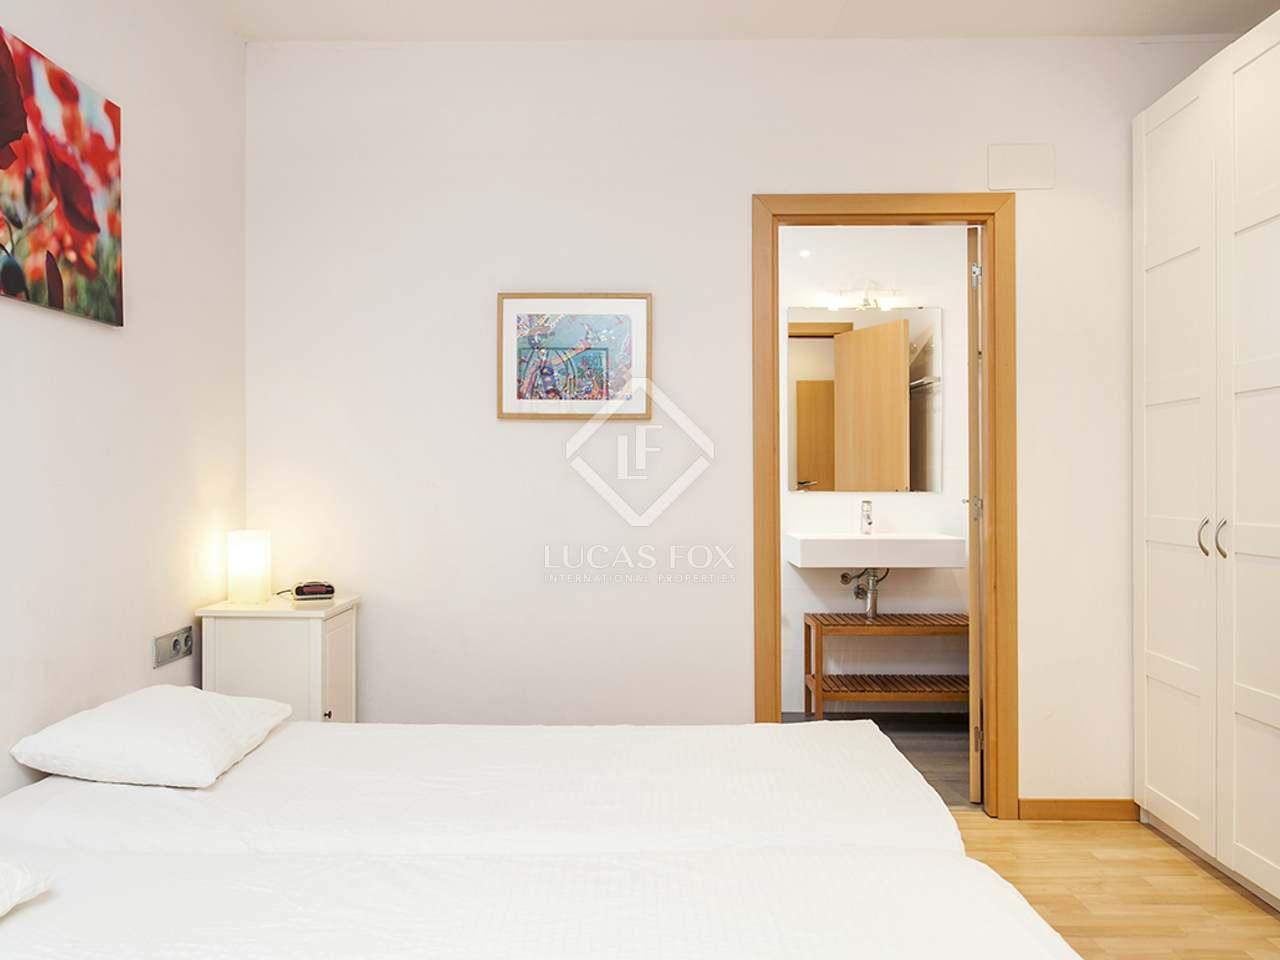 Appartement de 70m a vendre poble sec barcelone - Appartement de vacances barcelone mesura ...